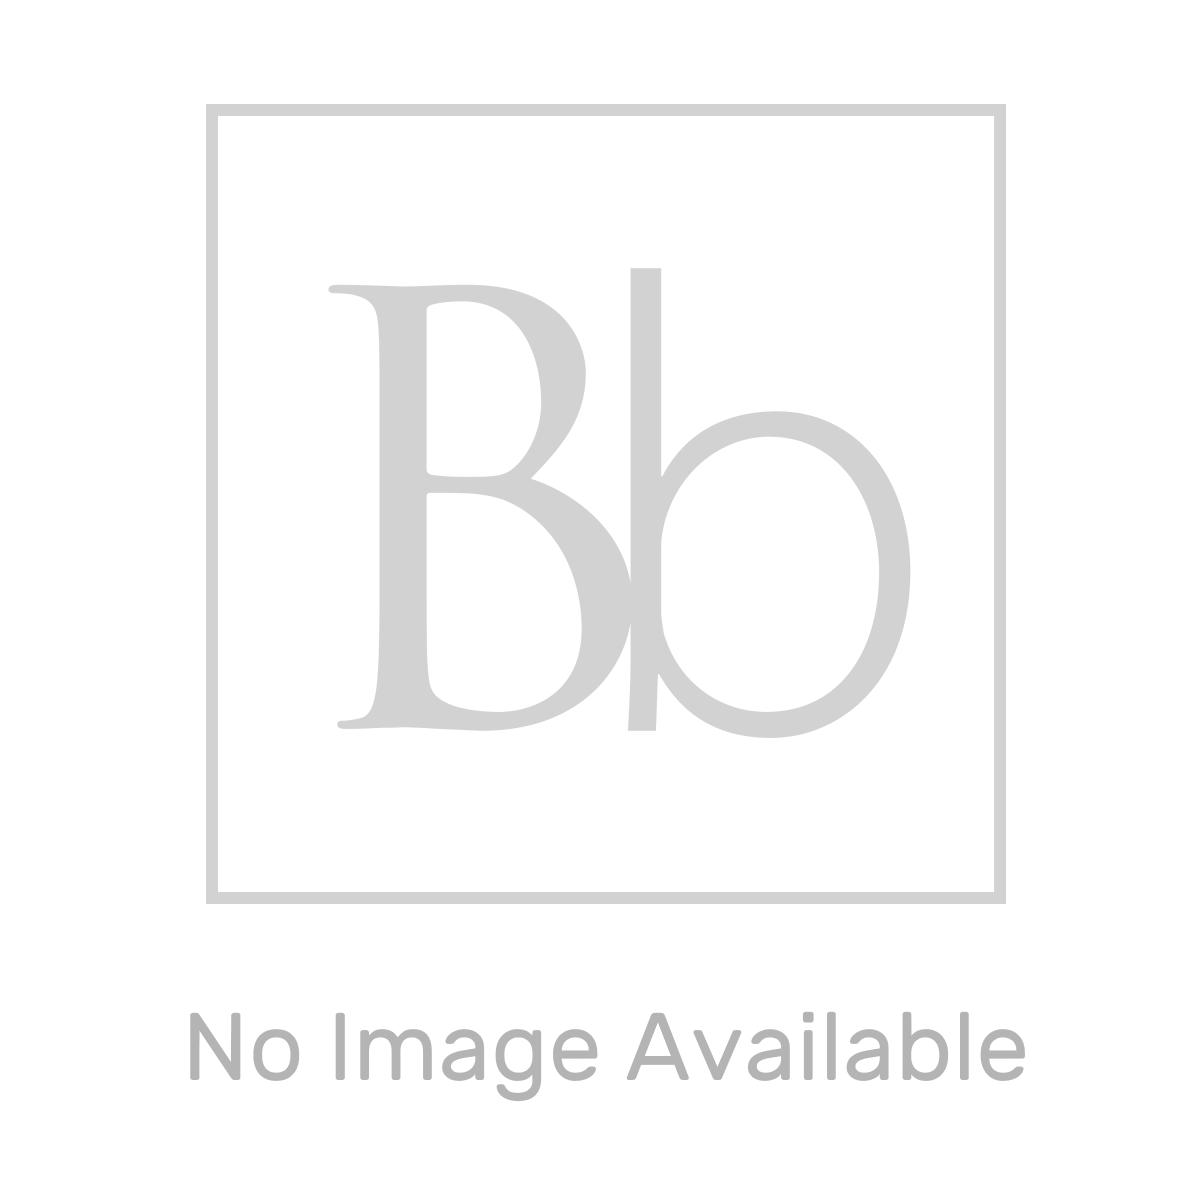 Nuie Athena Gloss Grey Mist 2 Door Floor Standing Vanity Unit with 18mm Worktop 600mm Line Drawing